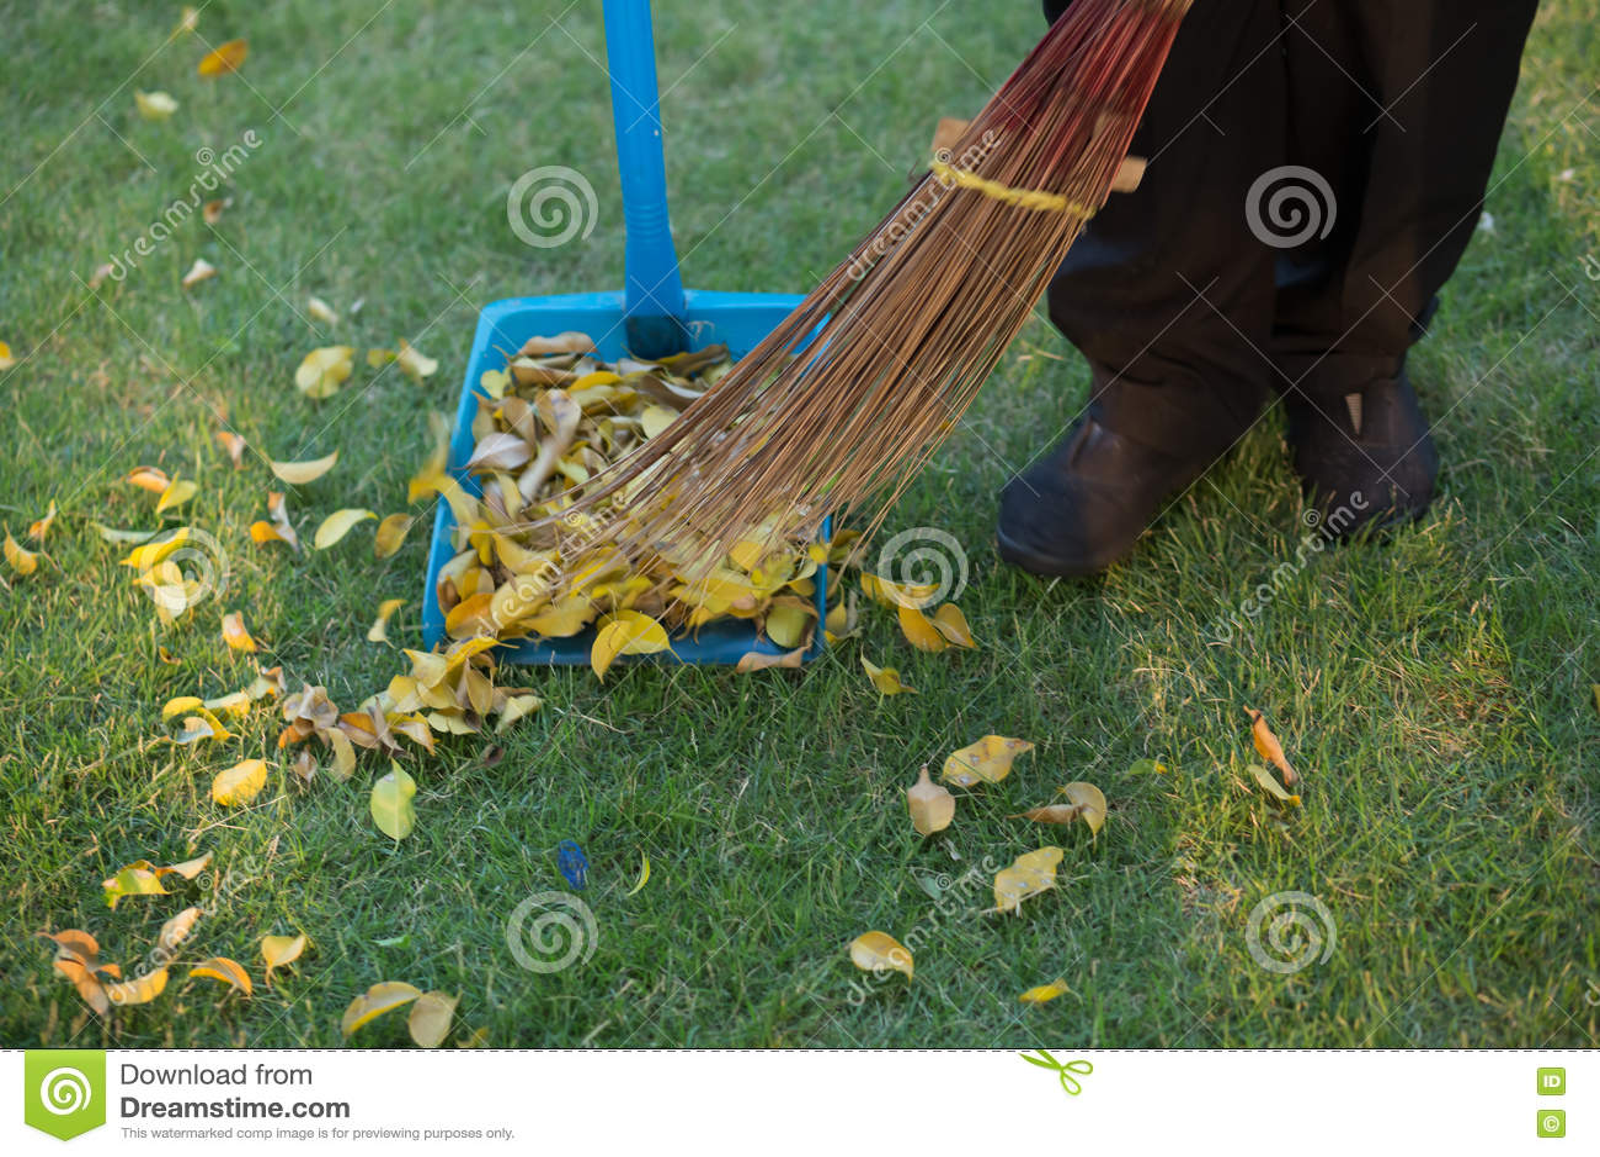 Σκουπίζοντας φύλλα στη χλόη